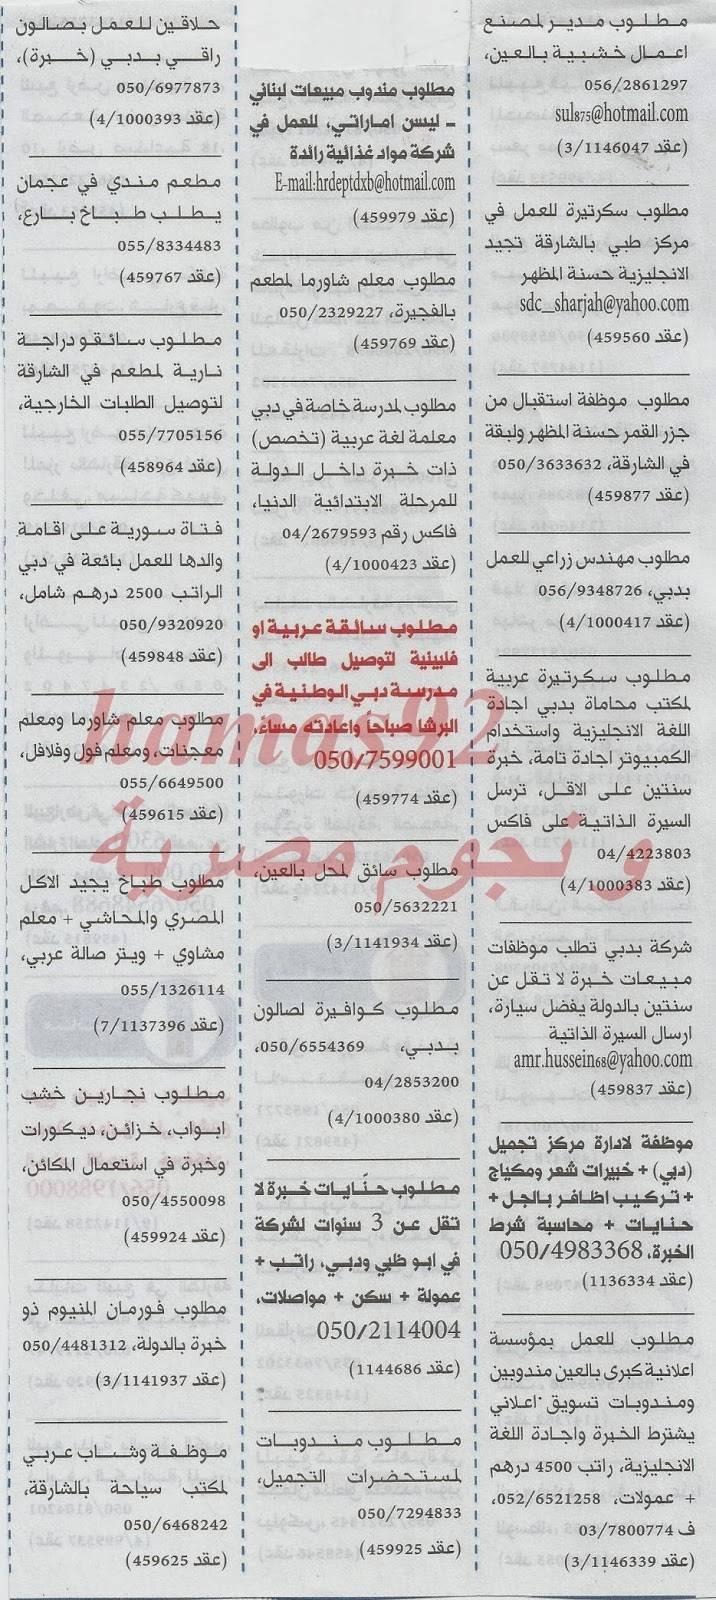 وظائف خالية في الامارات 10 ديسمبر 2013